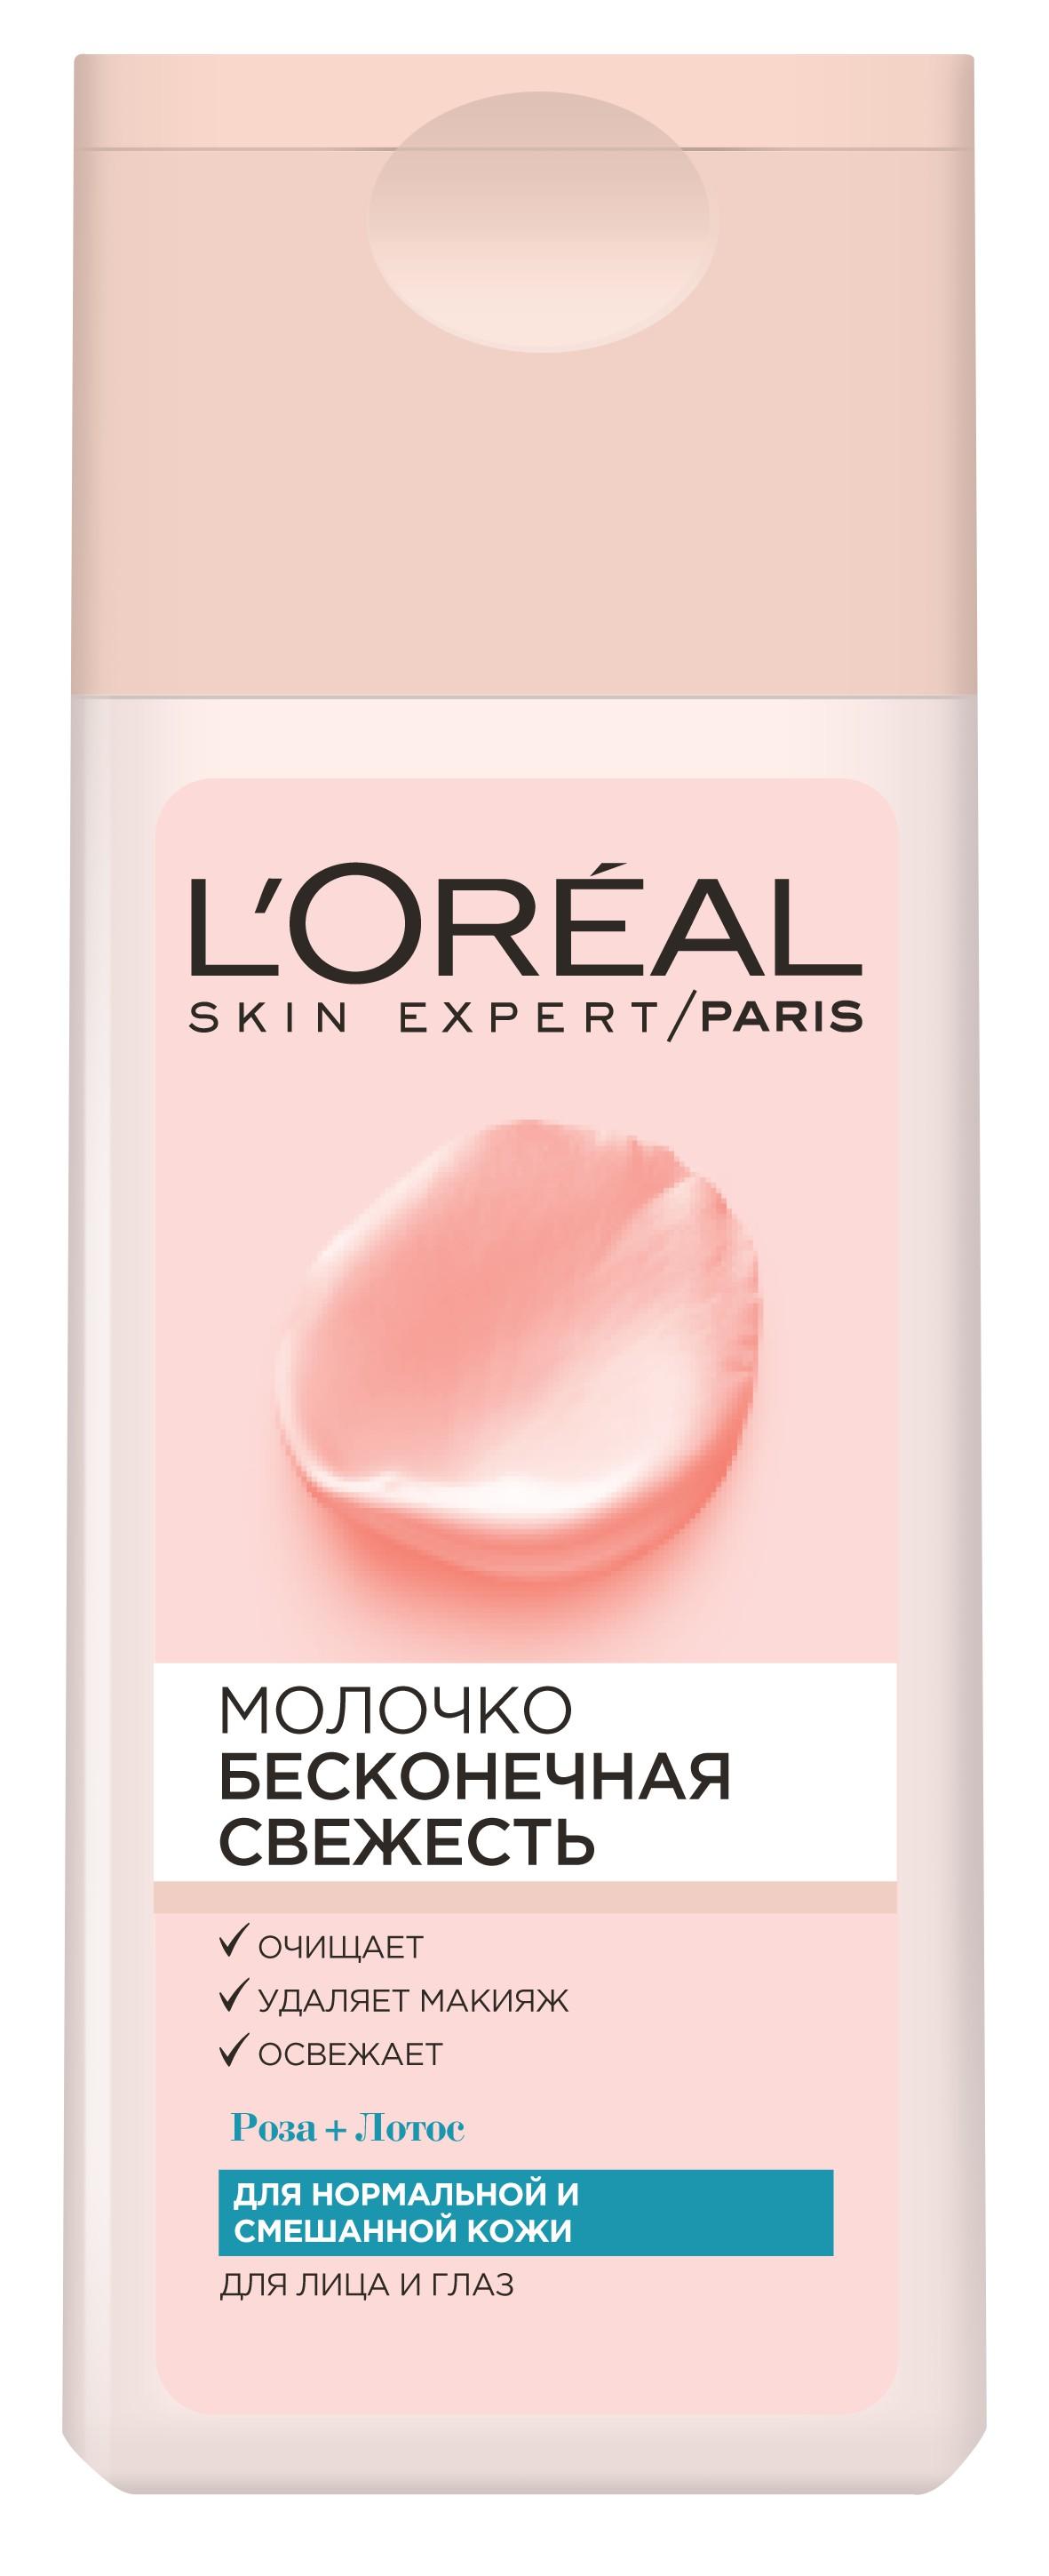 LOreal Paris Очищающее молочко Бесконечная свежесть для нормальной и смешанной кожи, 200мл, с экстрактами Розы и ЛотосаA7096200Молочко бережно очищает, успокаивает кожу, оставляя ощущение свежести и комфорта. Мгновенно: ваша кожа очищена от макияжа и загрязнений. При использовании день за днем она становится нежной, более мягкой и красивой. Тонкий цветочный аромат позволит вам получить истинное удовольствие от чувственный опыт от ухода за кожей. Содержит экстракт розы, известный своими успокаивающими свойствами и способностью уменьшать ощущение дискомфорта, и экстракт лотоса, известный своими увлажняющими и восстанавливающими свойствами.